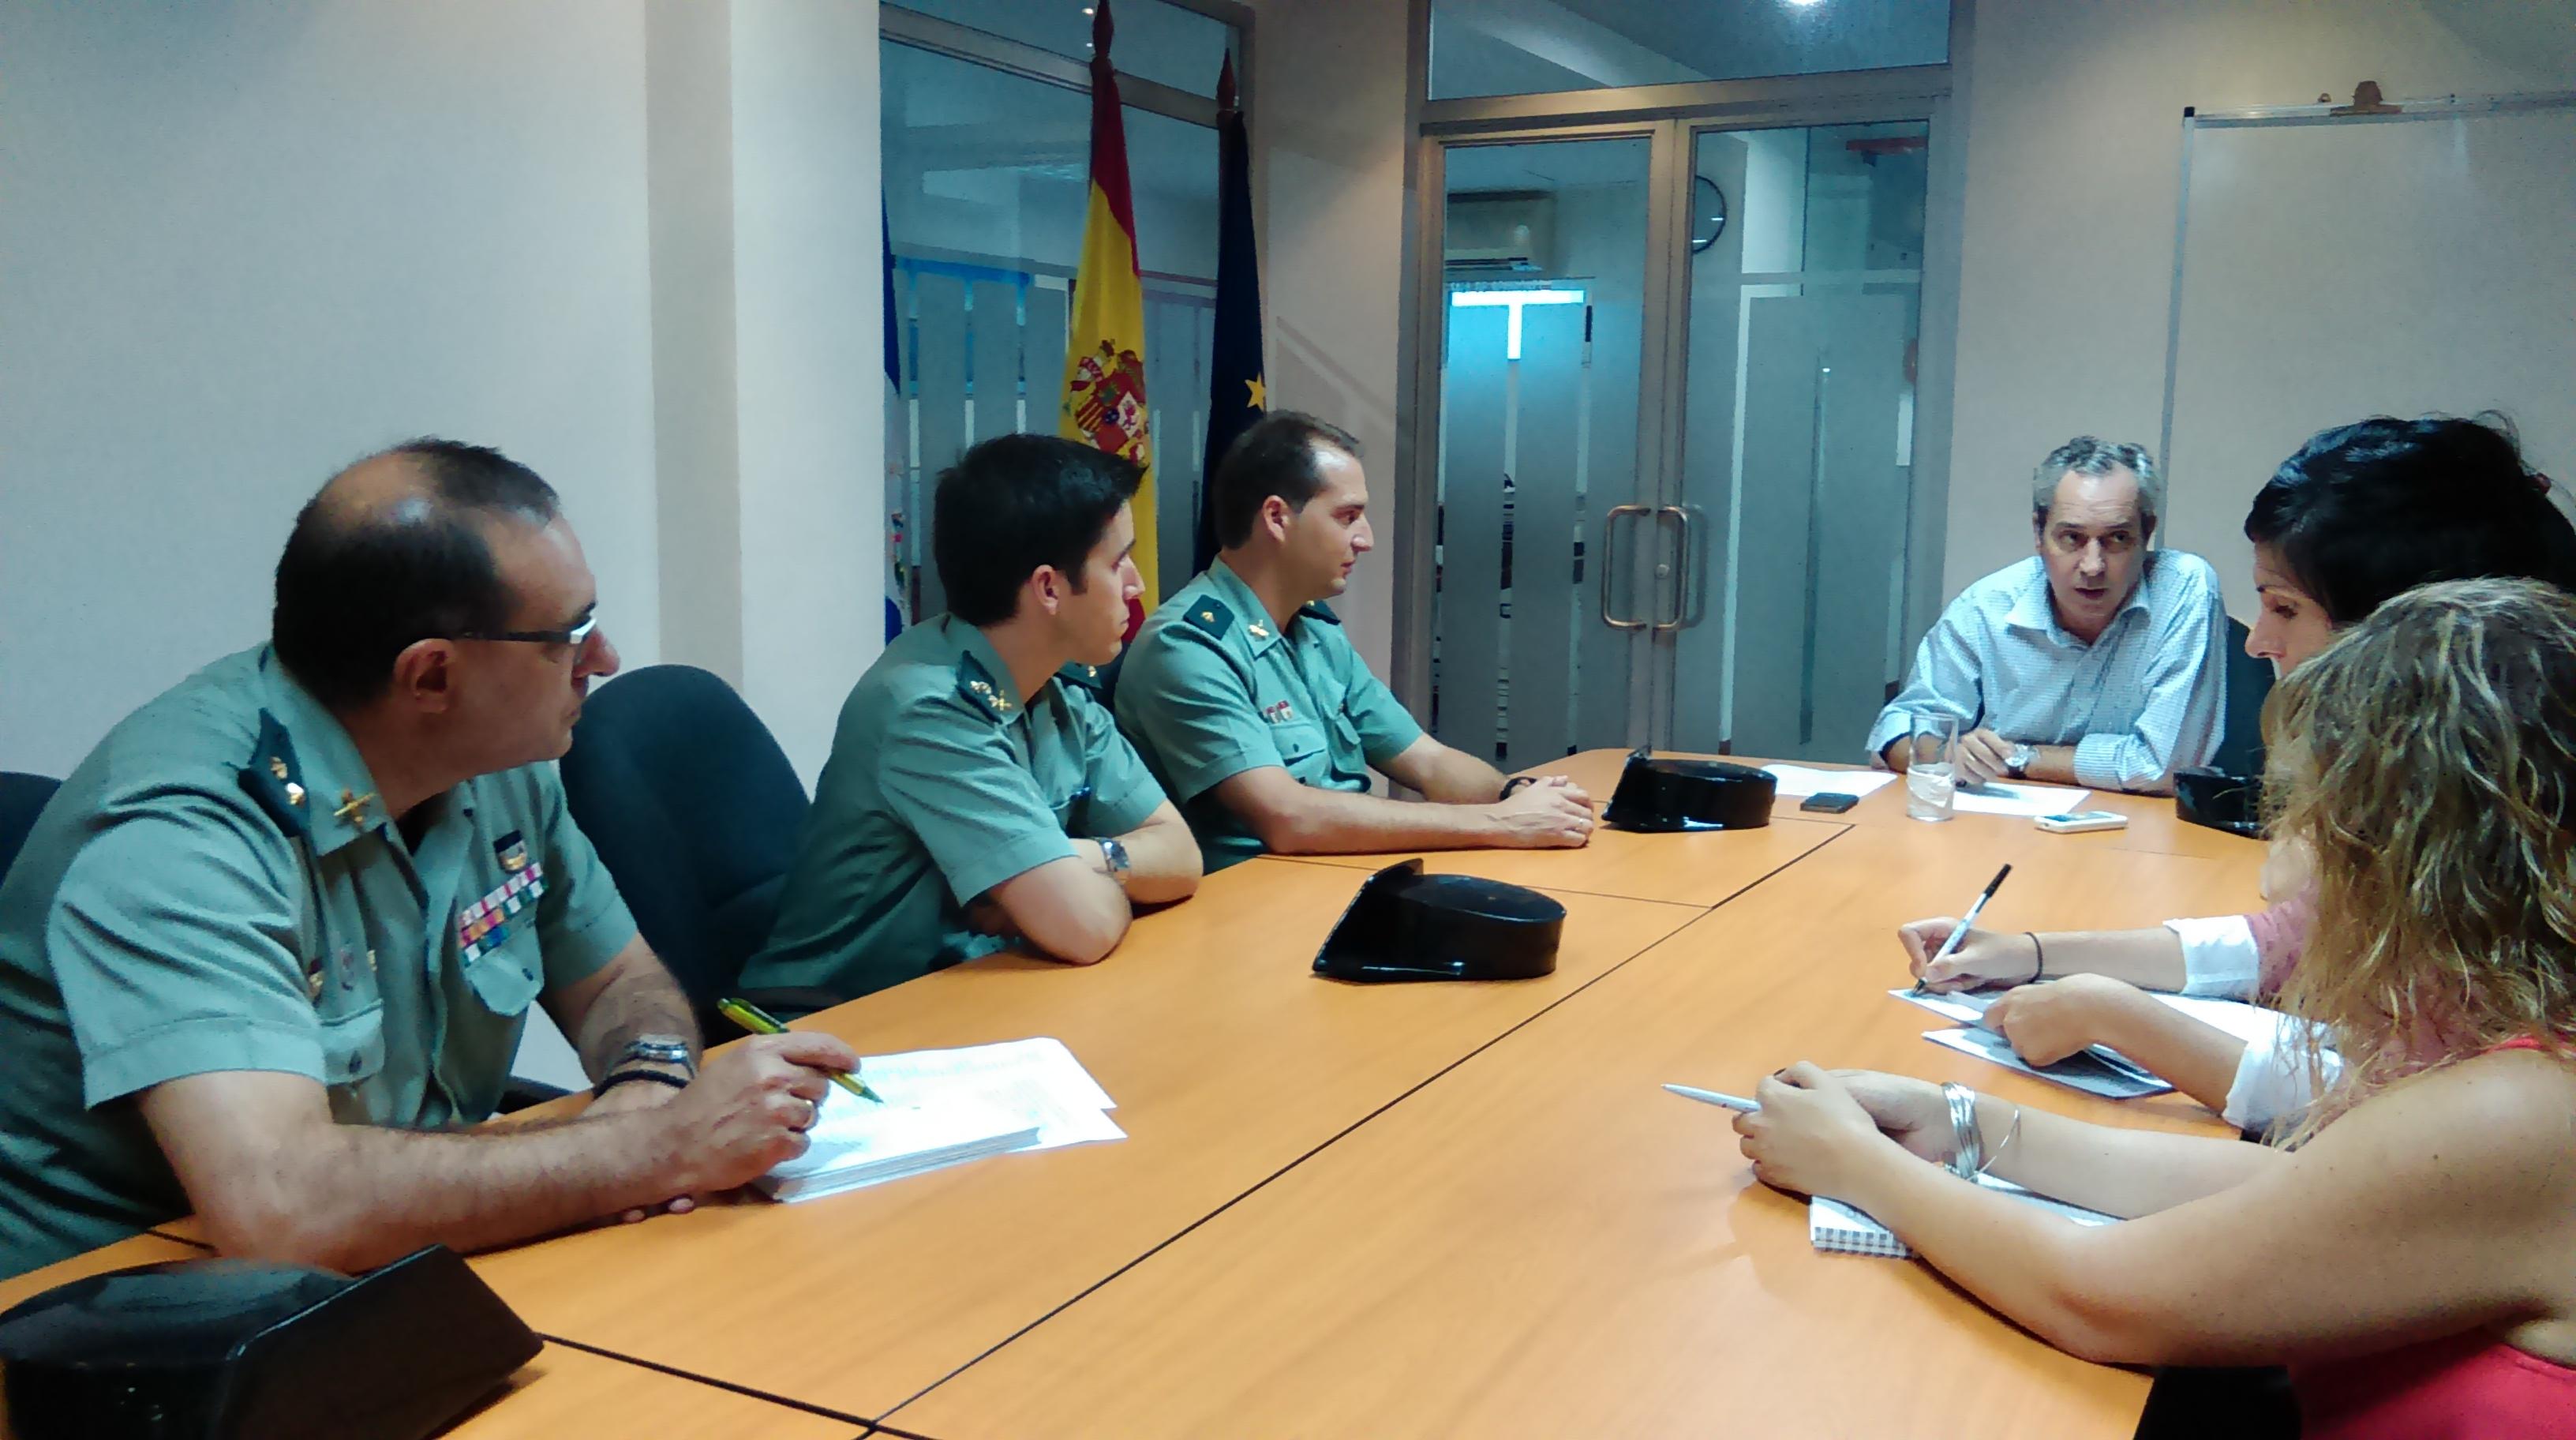 Noticias aecid nicaragua for Ministerio del interior espana